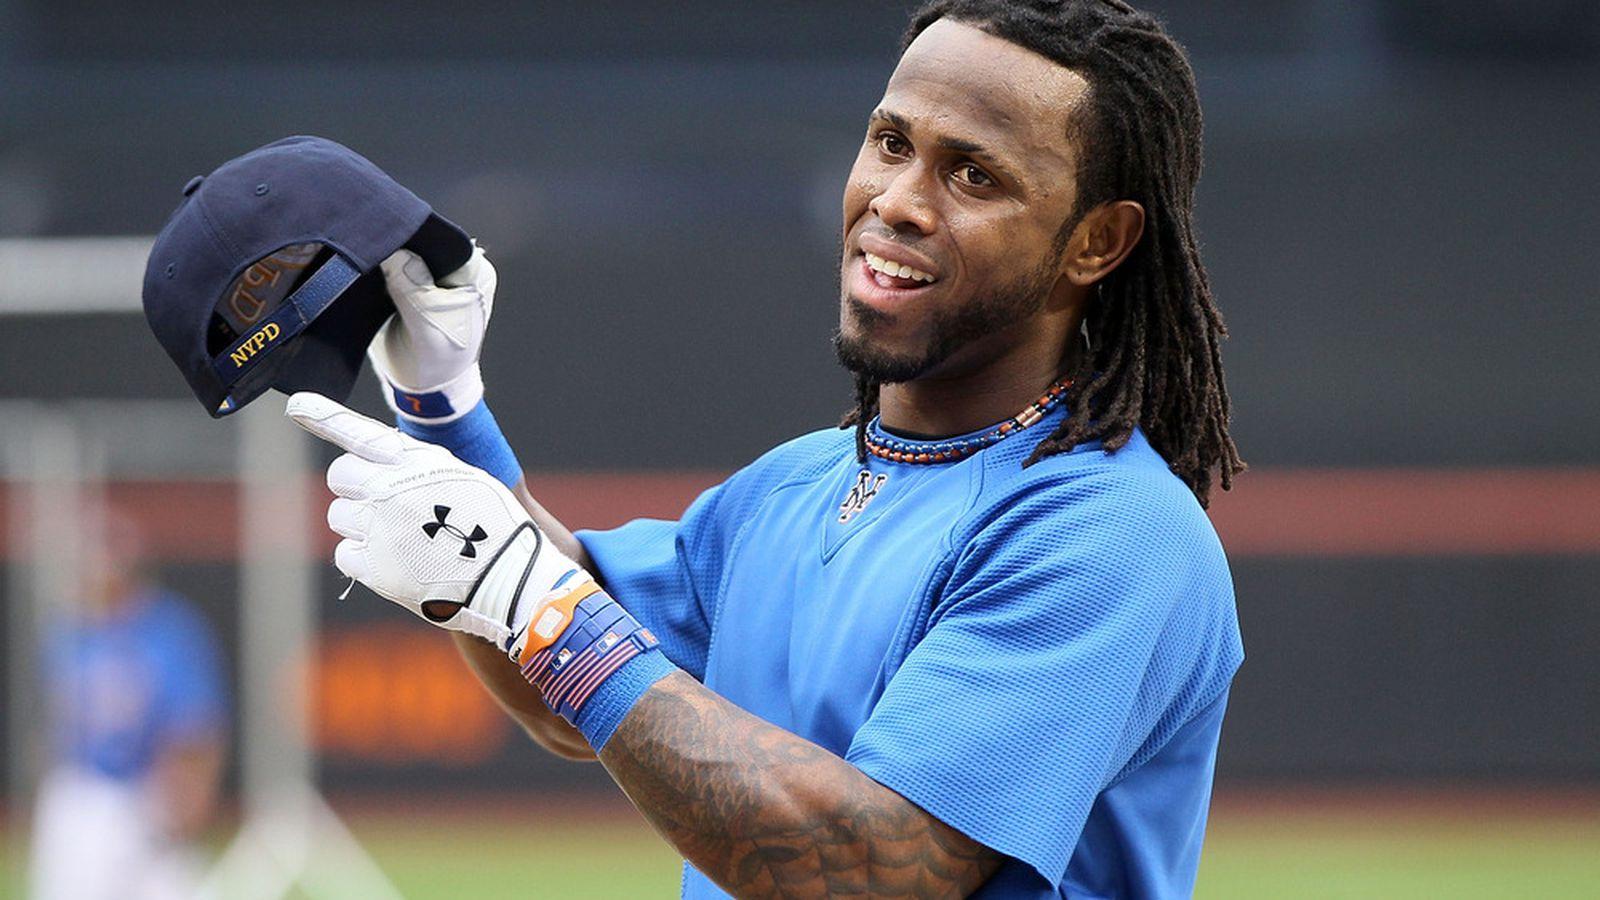 大都会队想穿上纽约致敬帽;美国职业棒球大联盟表示'不'